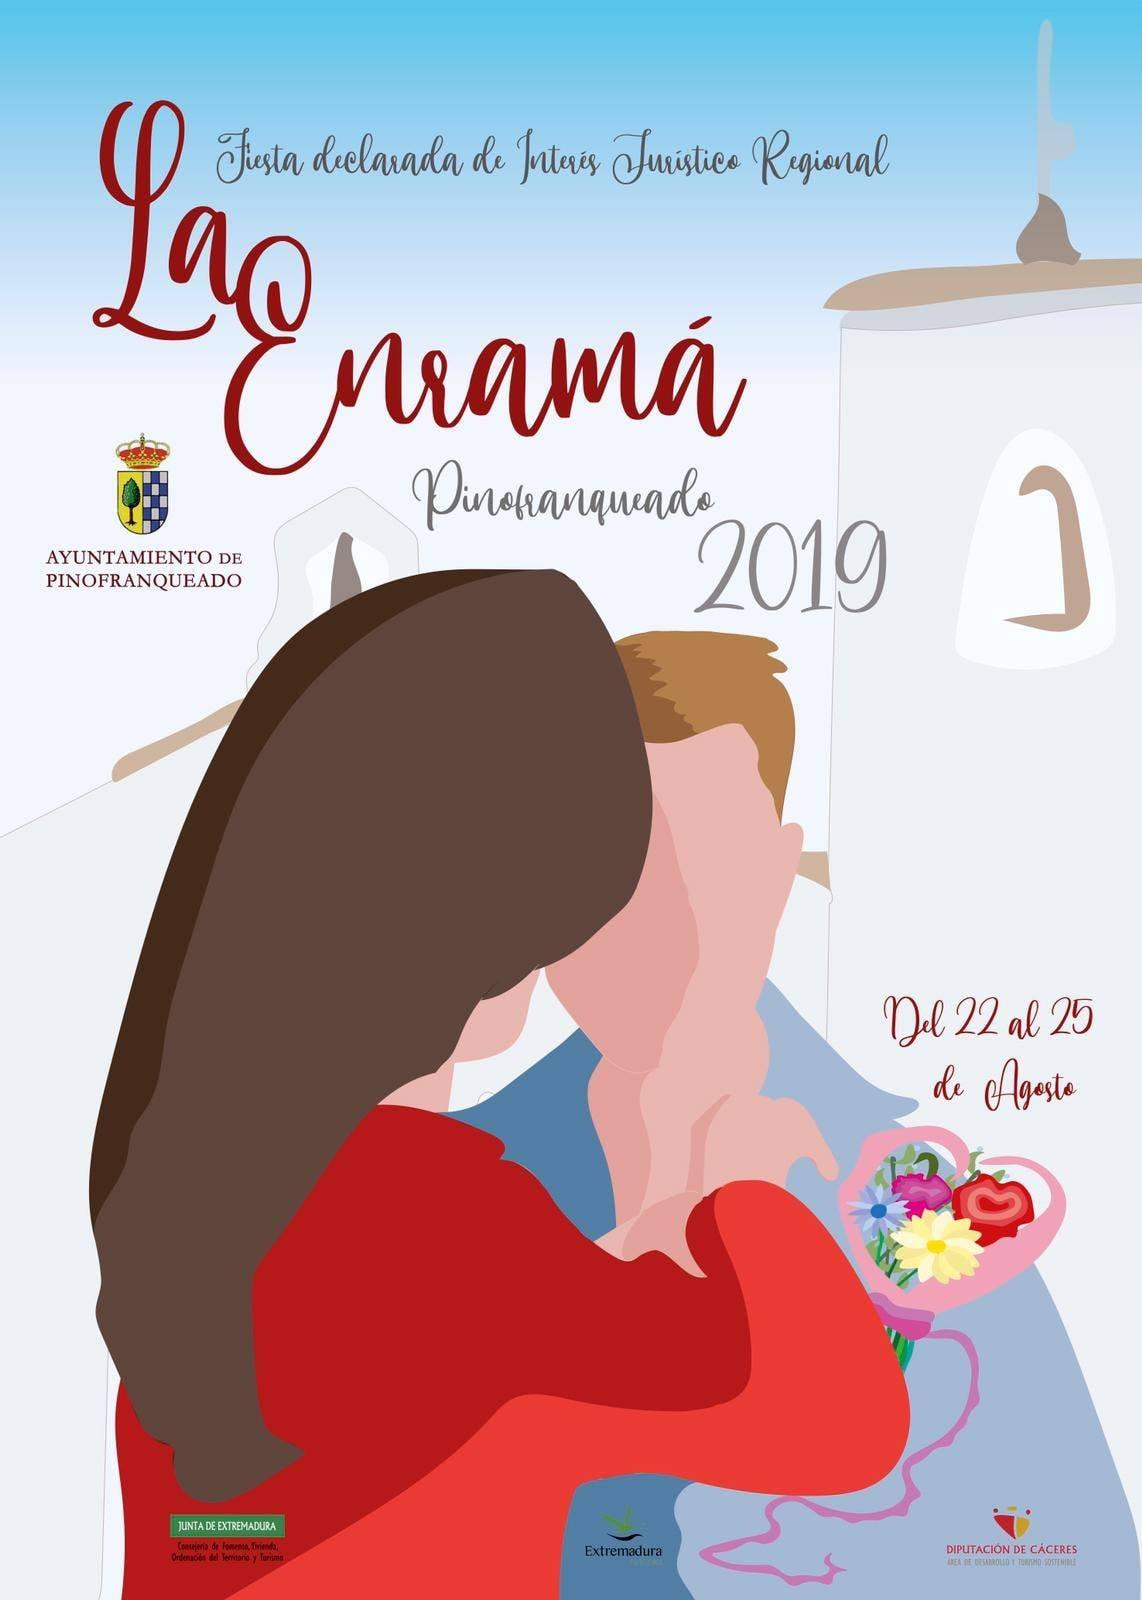 """Ven a """"La Enramá"""", del 22 al 25 de agosto en Pinofranqueado"""